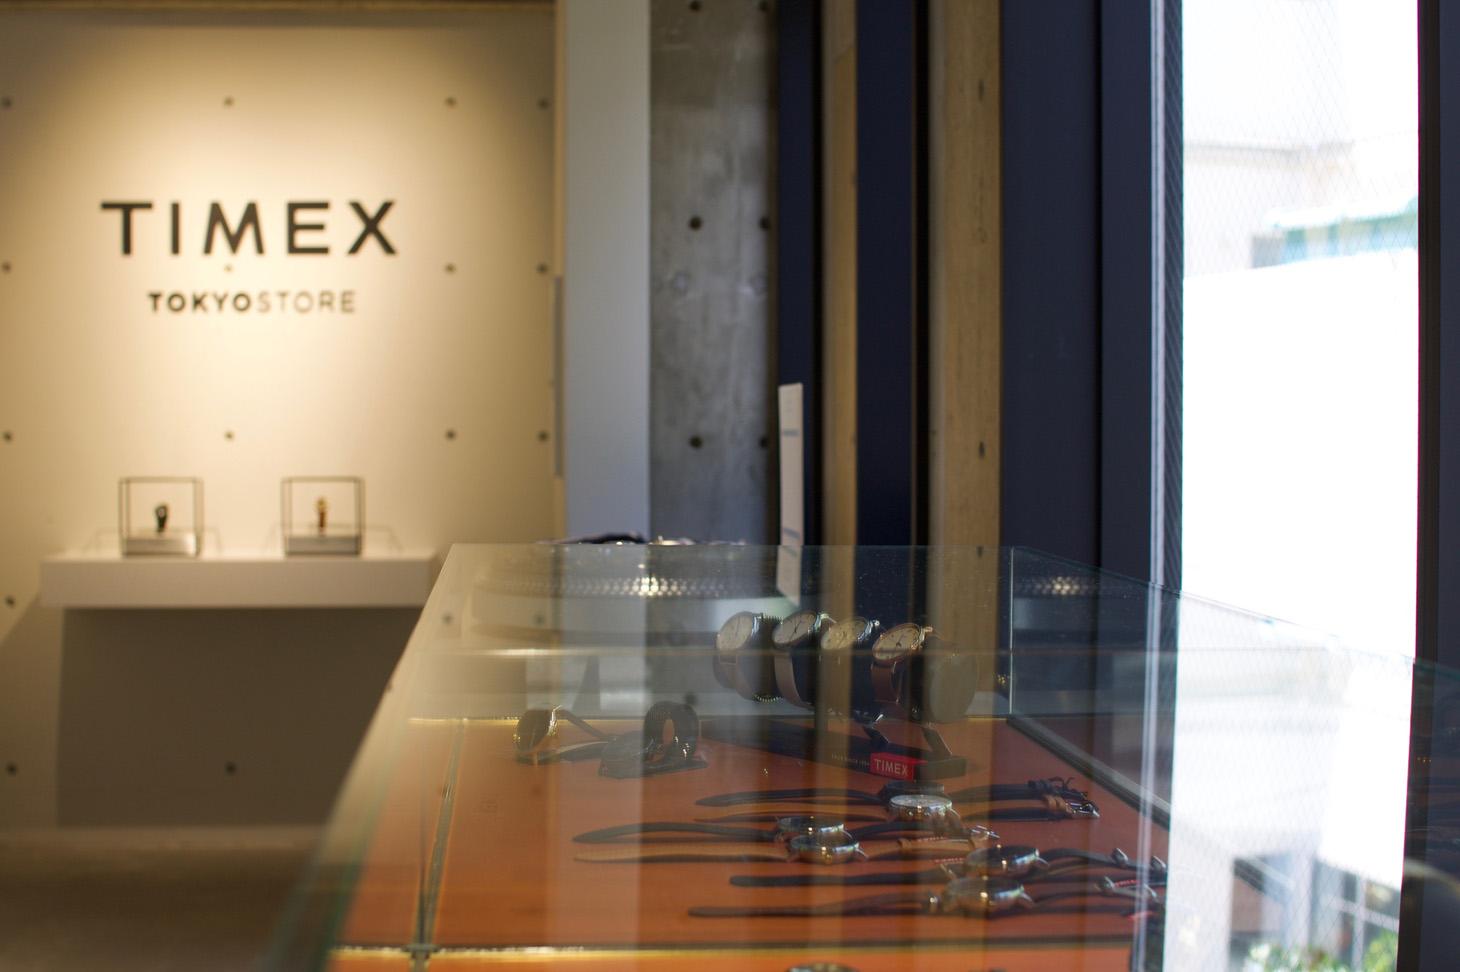 TIMEX TOKYO - 1Fのショッピングスペース